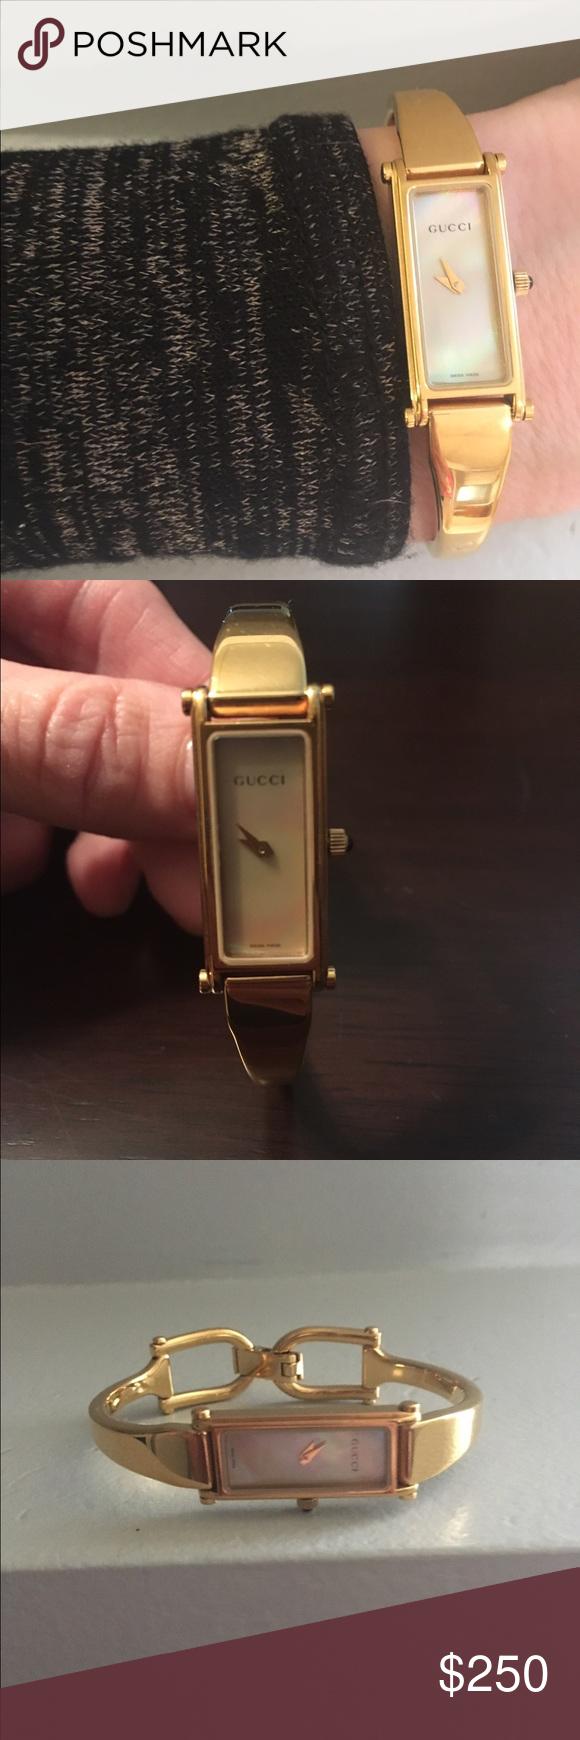 a32ef0de109 Authentic Gucci 1500L ladies gold tone watch. Authentic Gucci 1500 L